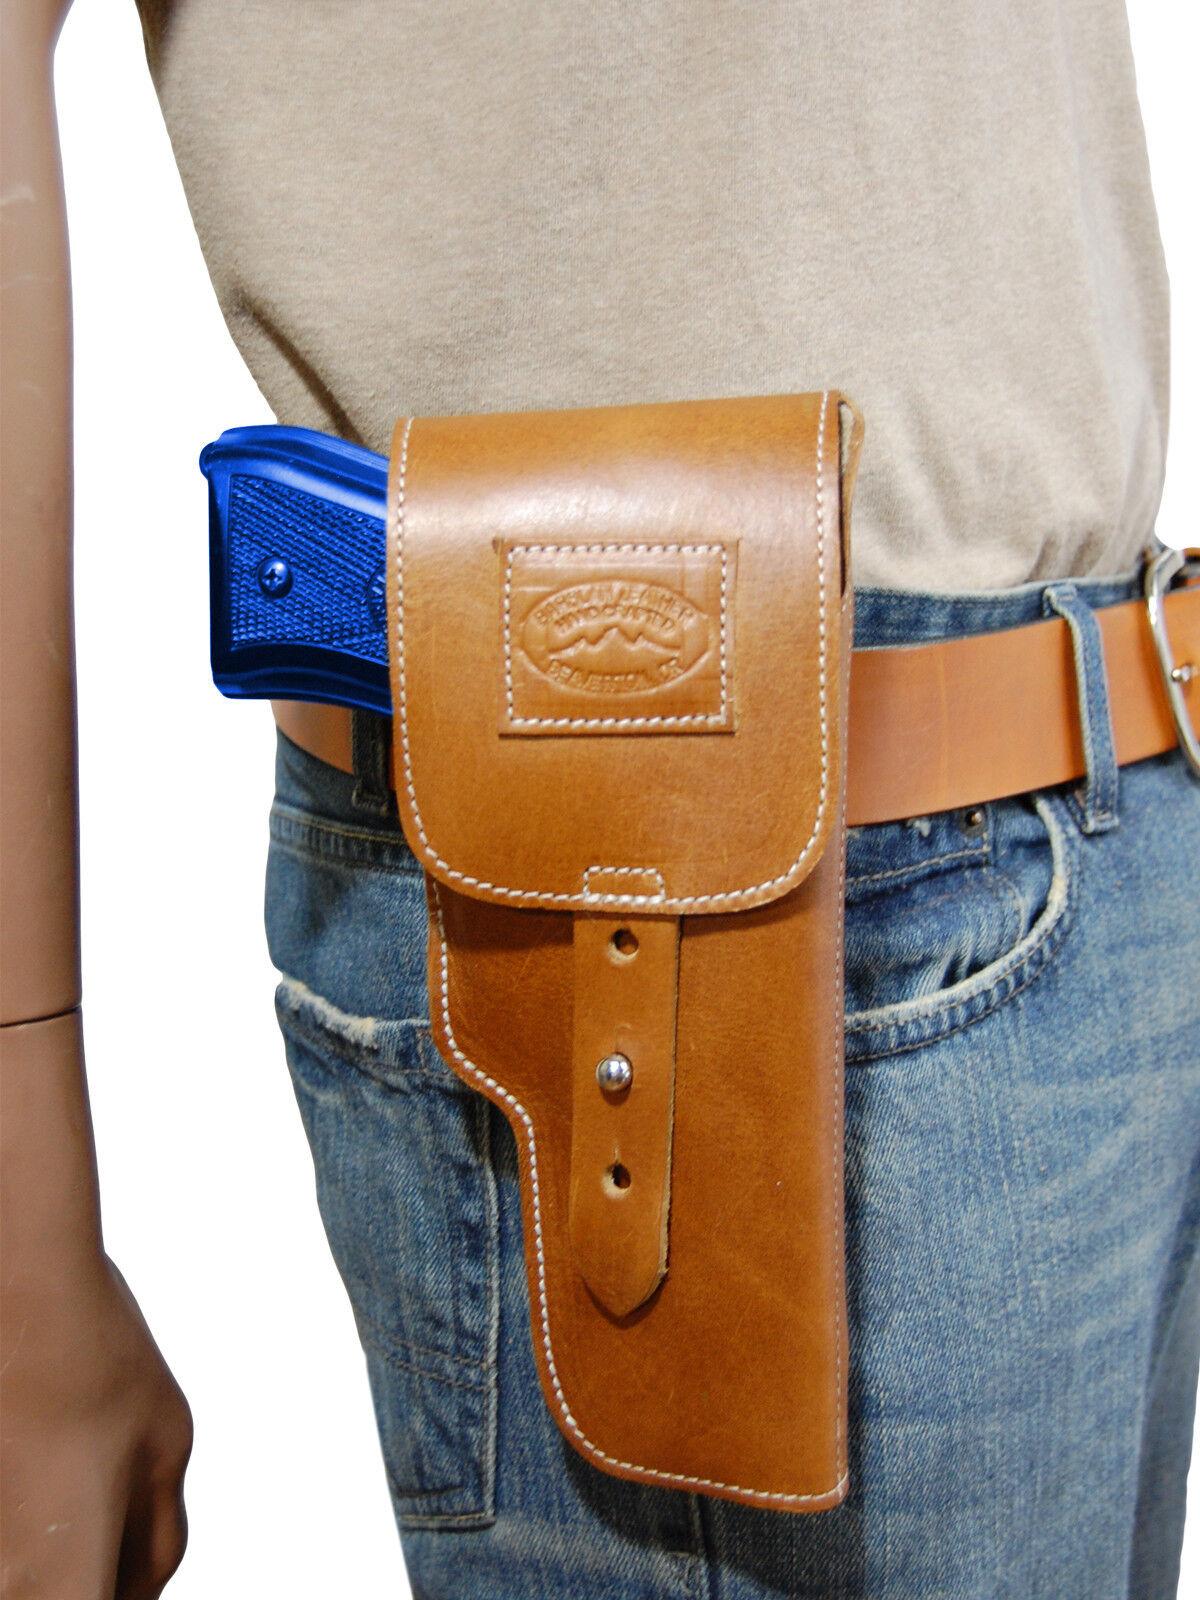 Nuevo barsony Bronceado Solapa De Cuero Funda Pistola marróning Para Colt de tamaño completo de 9 mm 40 45